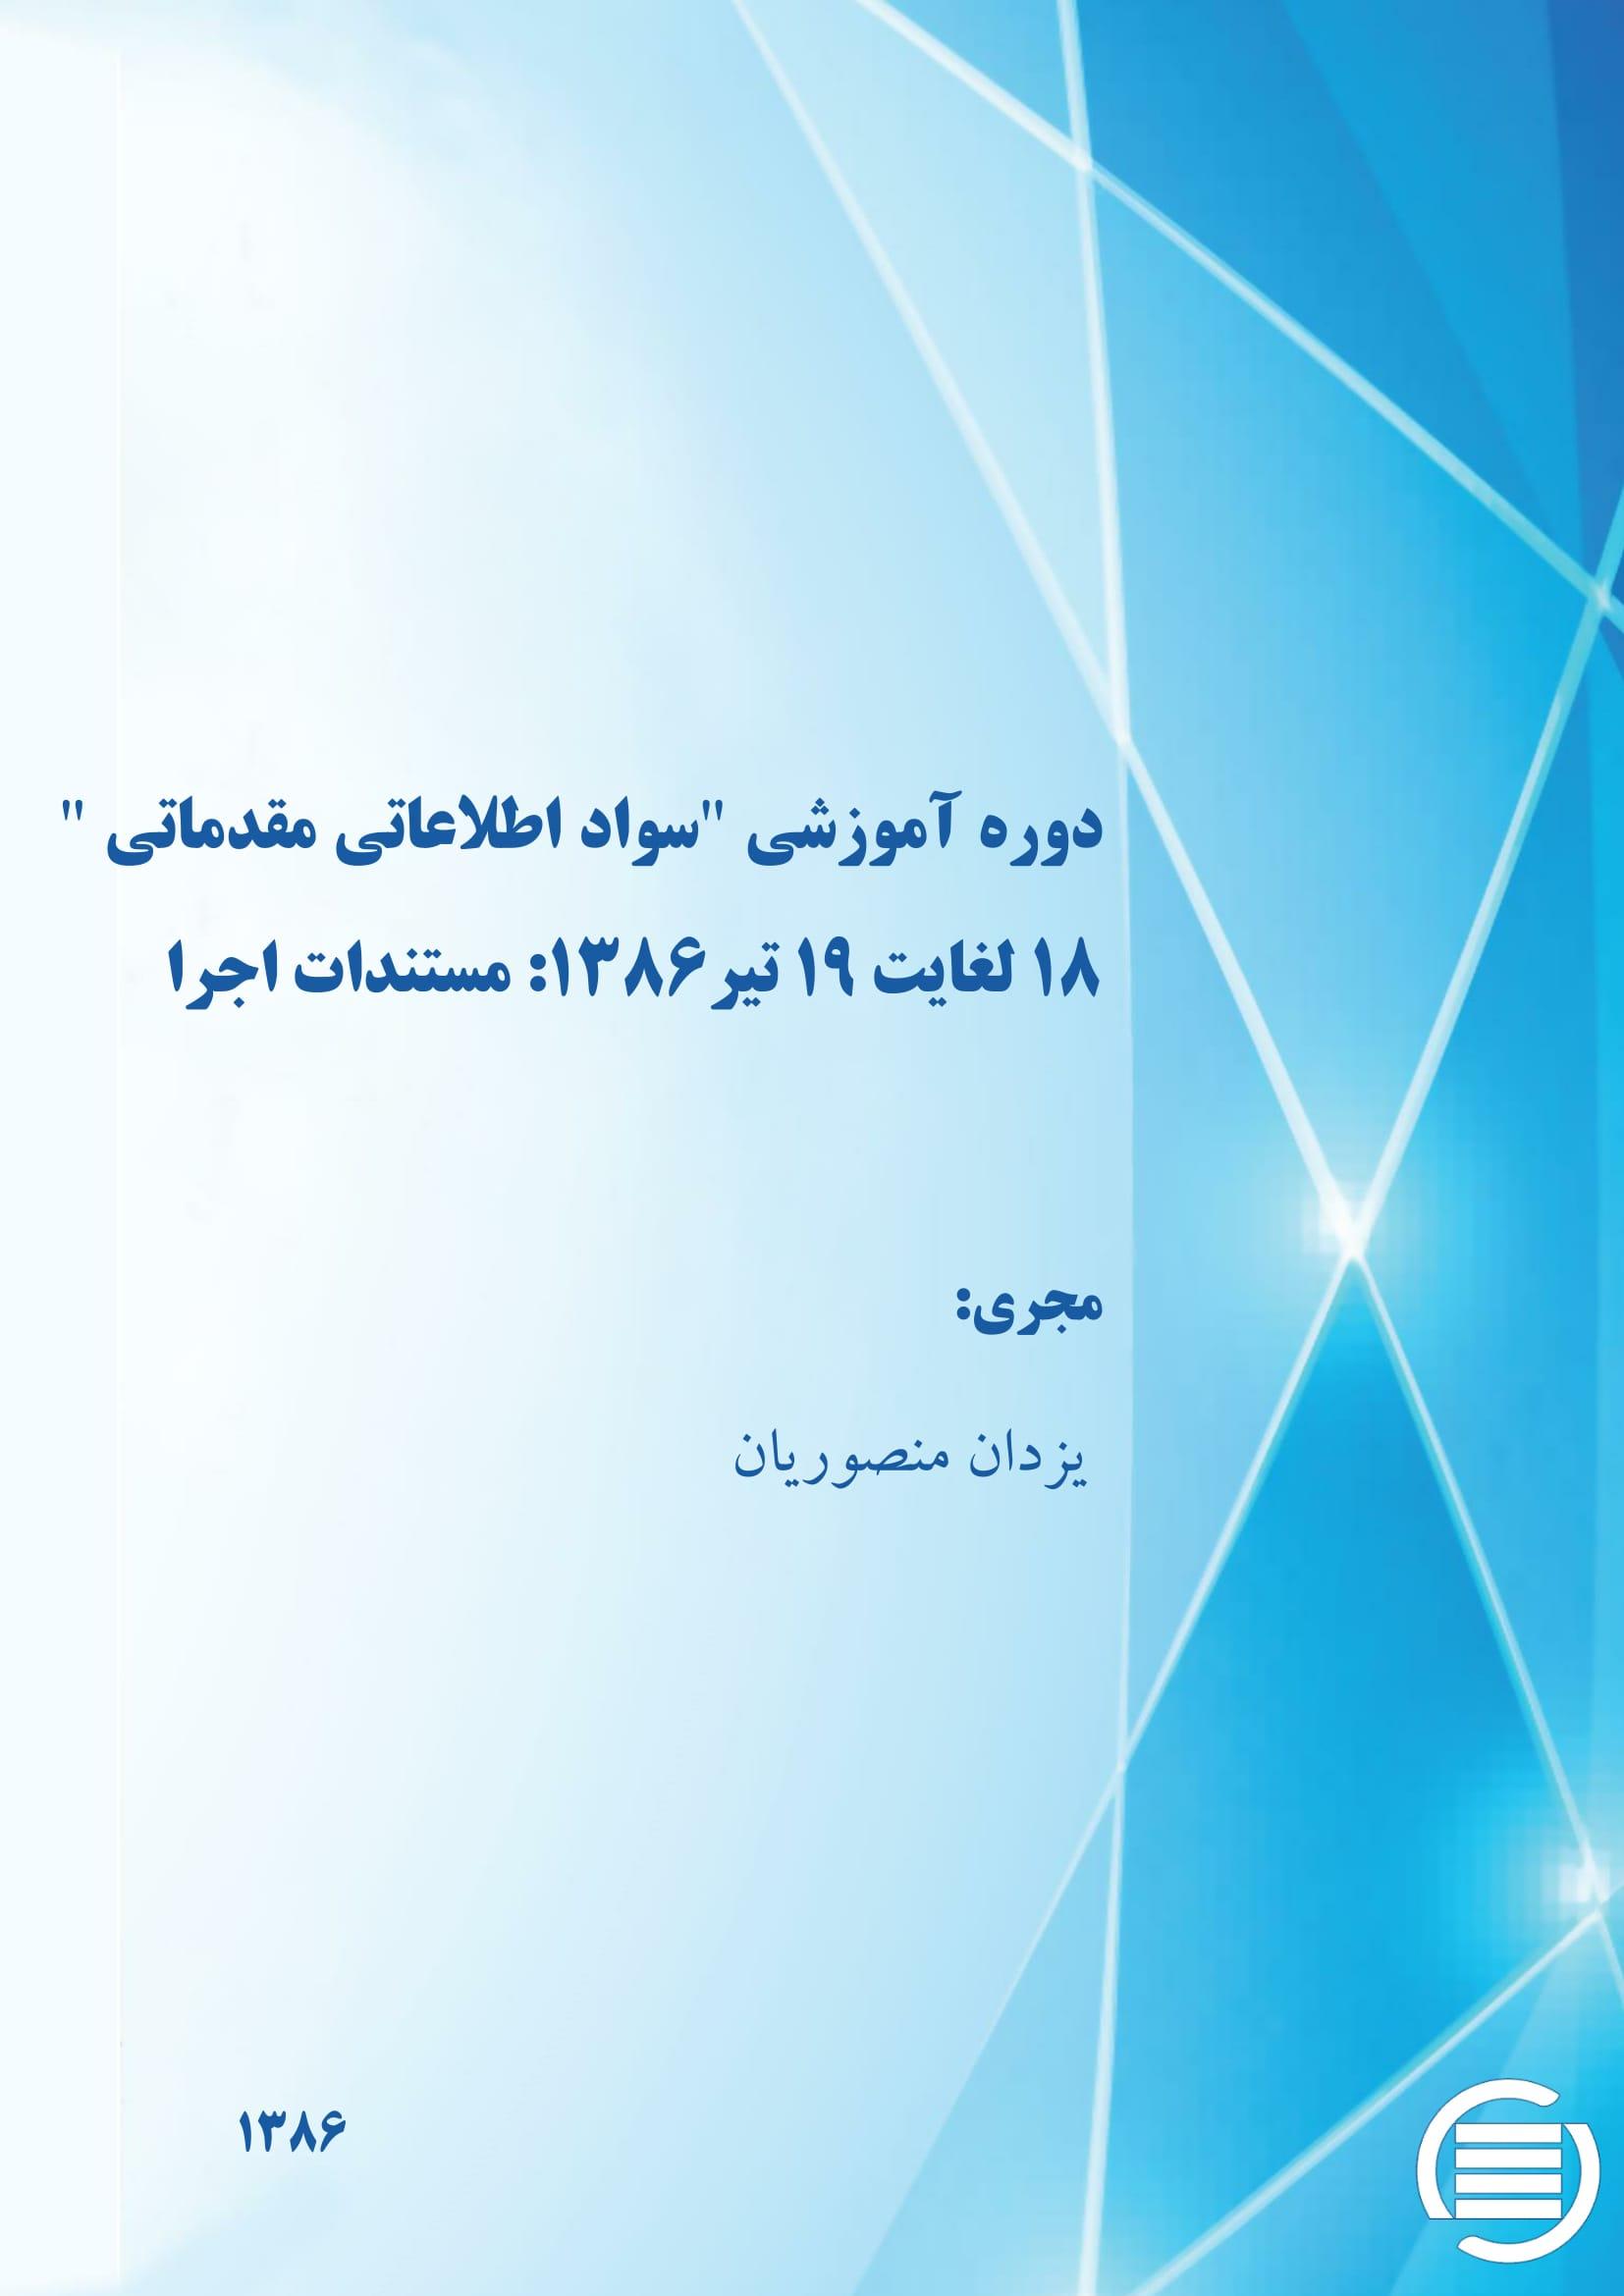 """دوره آموزشی """"سواد اطلاعاتی مقدماتی"""" ۱۸ لغایت ۱۹ تیر 1386: مستندات اجرا"""